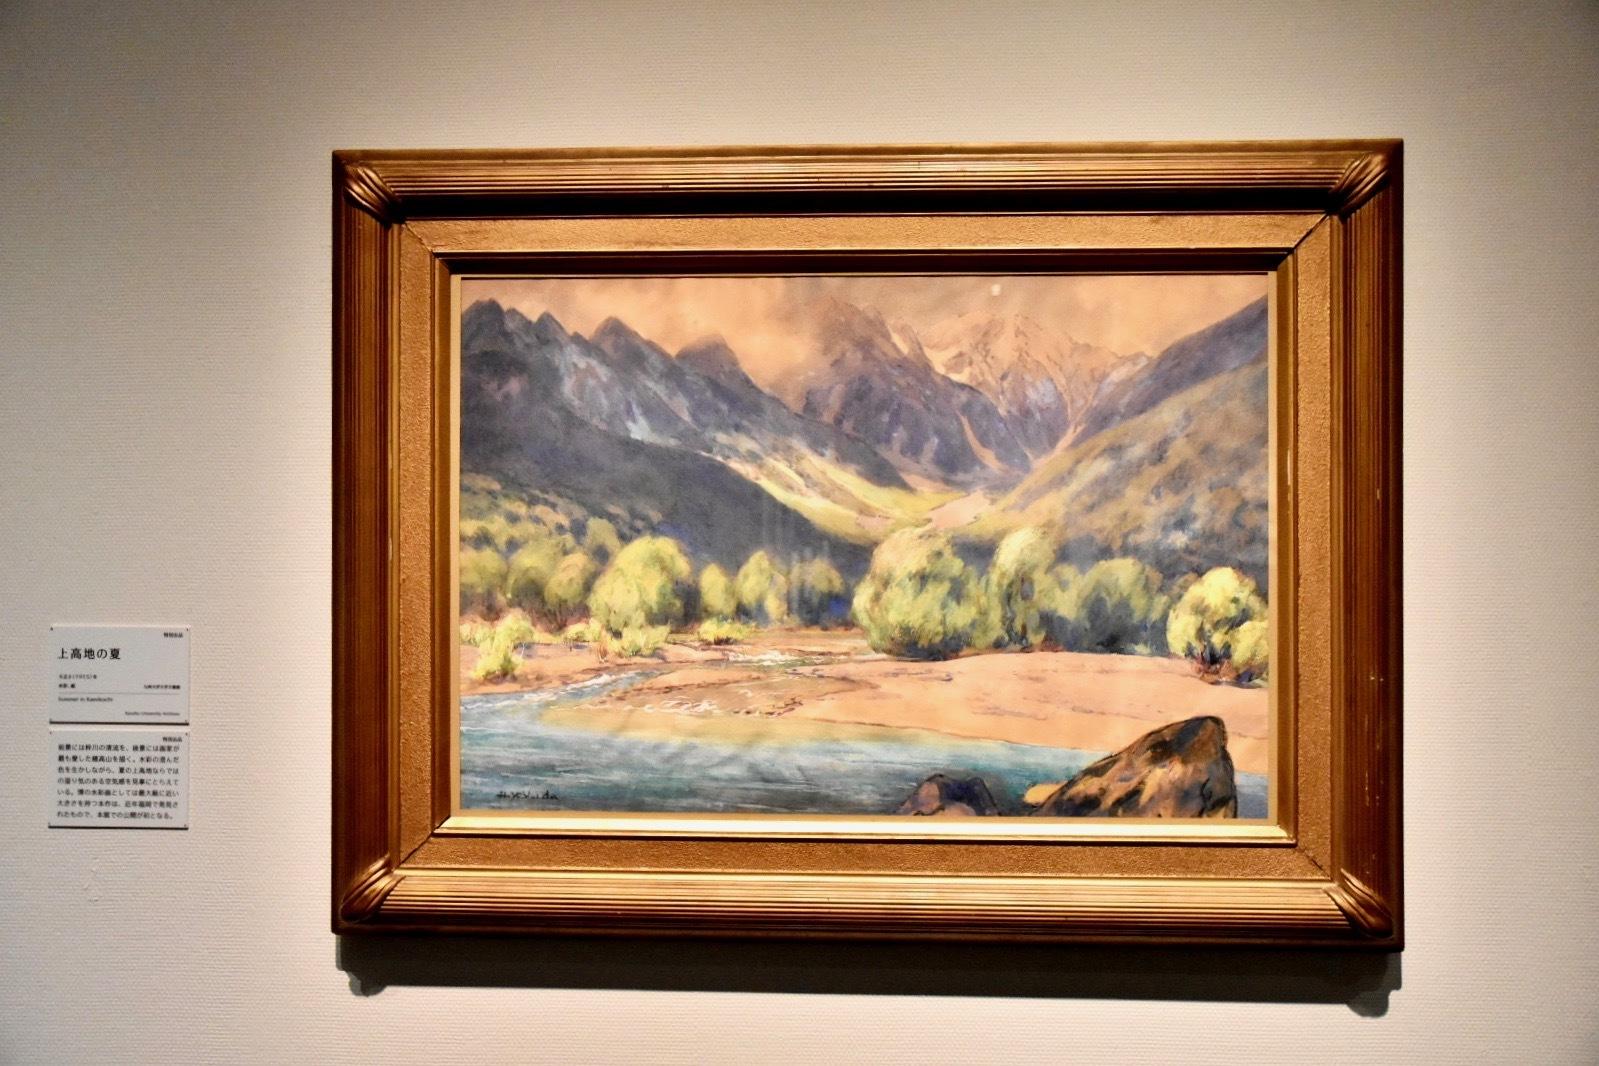 《上高地の夏》1915年 九州大学大学文書館蔵  水彩画では最大級に近い大きさの本作は本展が初公開。